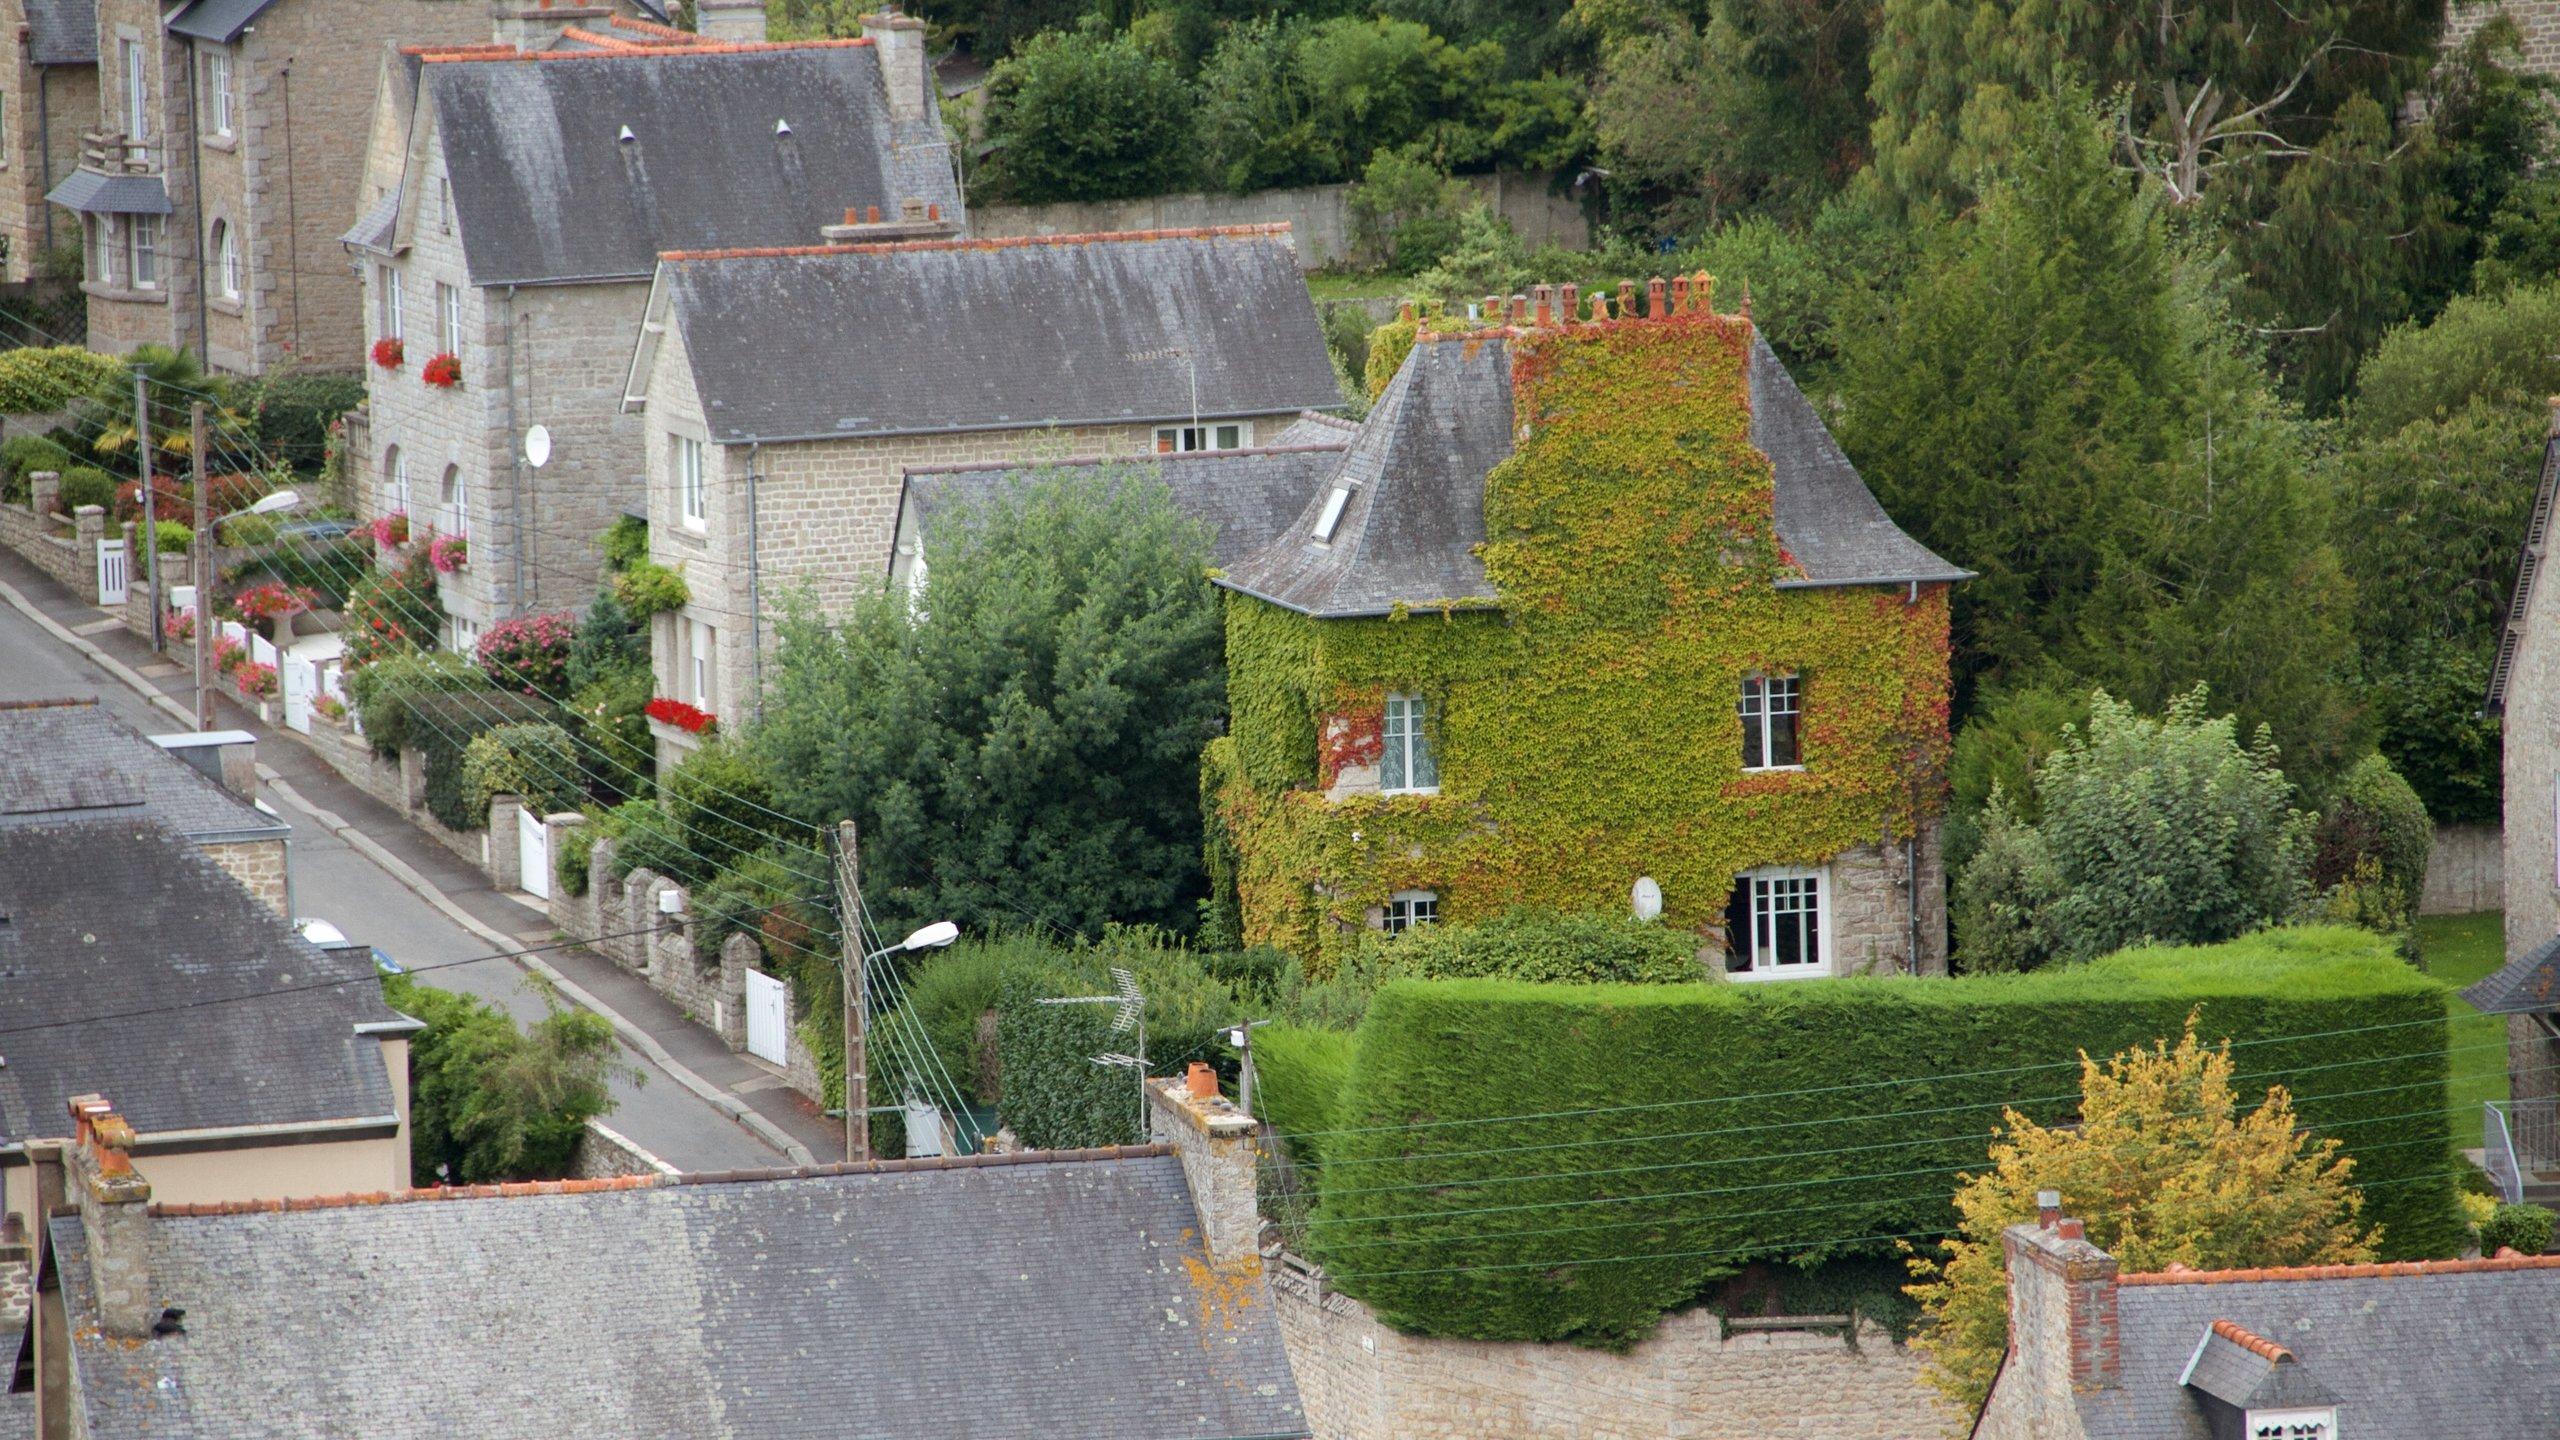 Cotes d'Armor, France